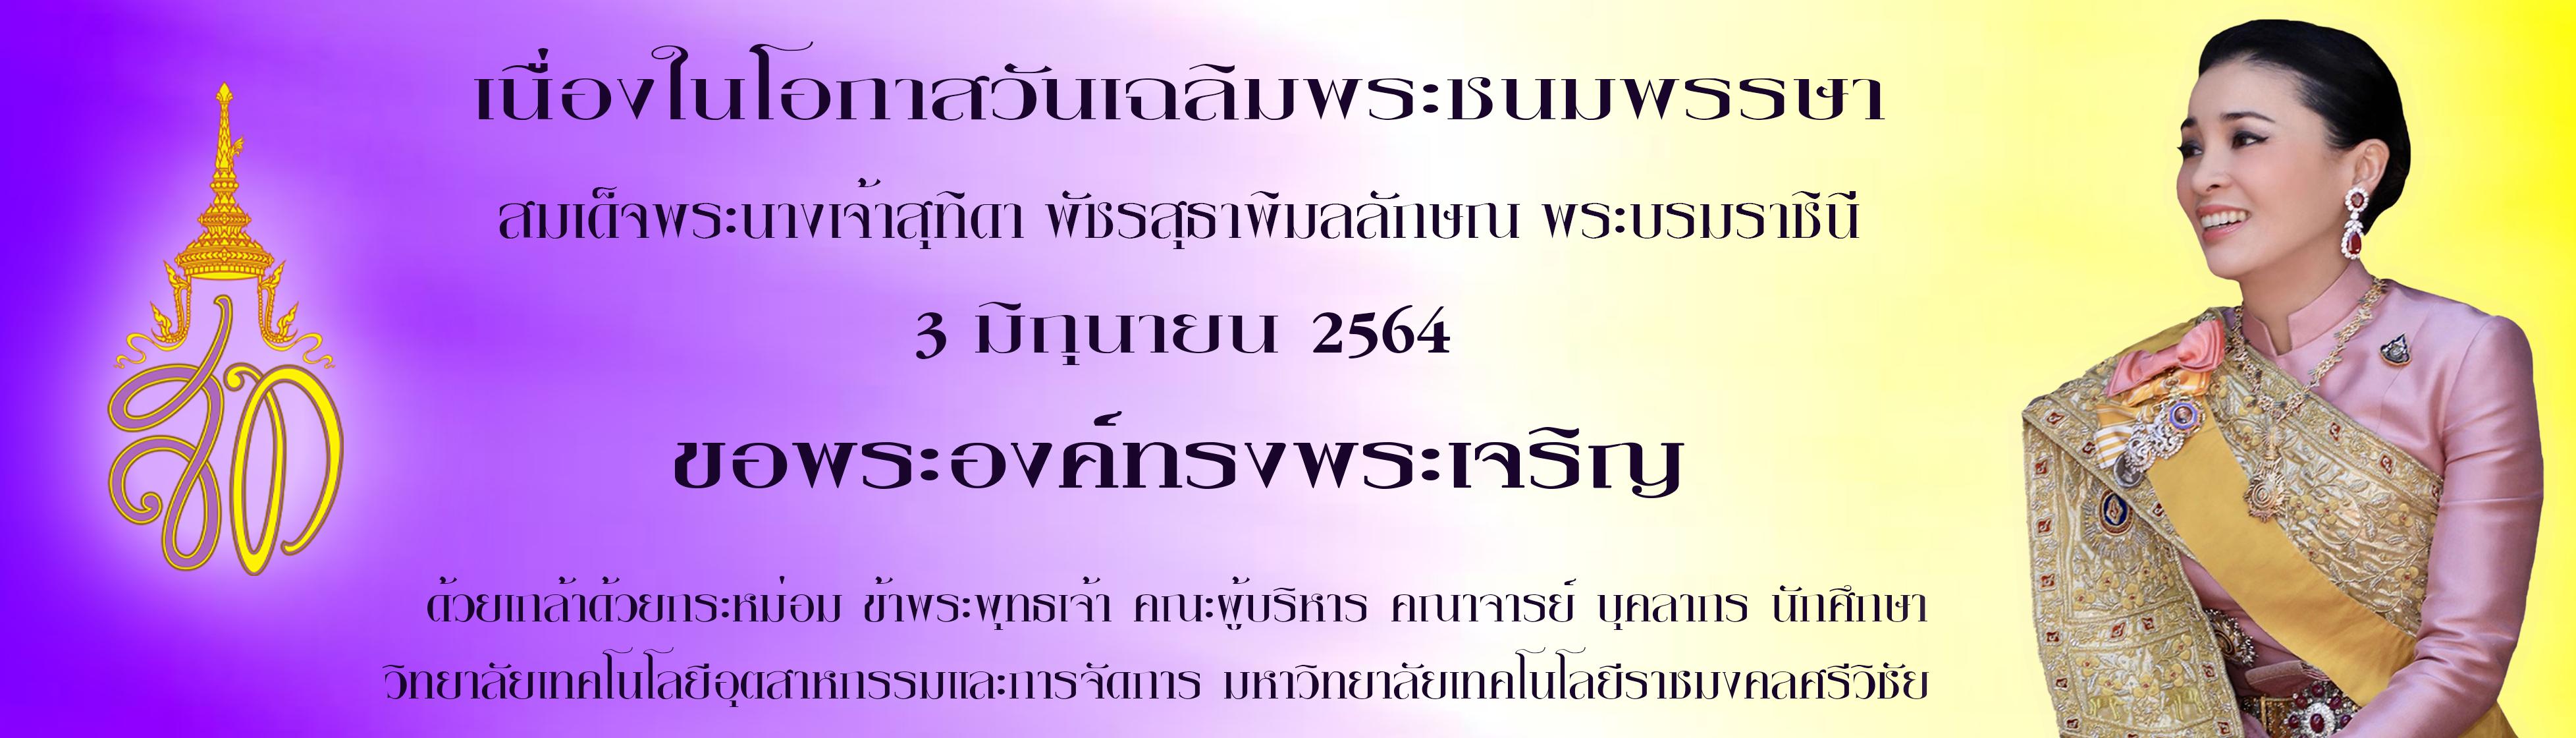 3 มิย 64